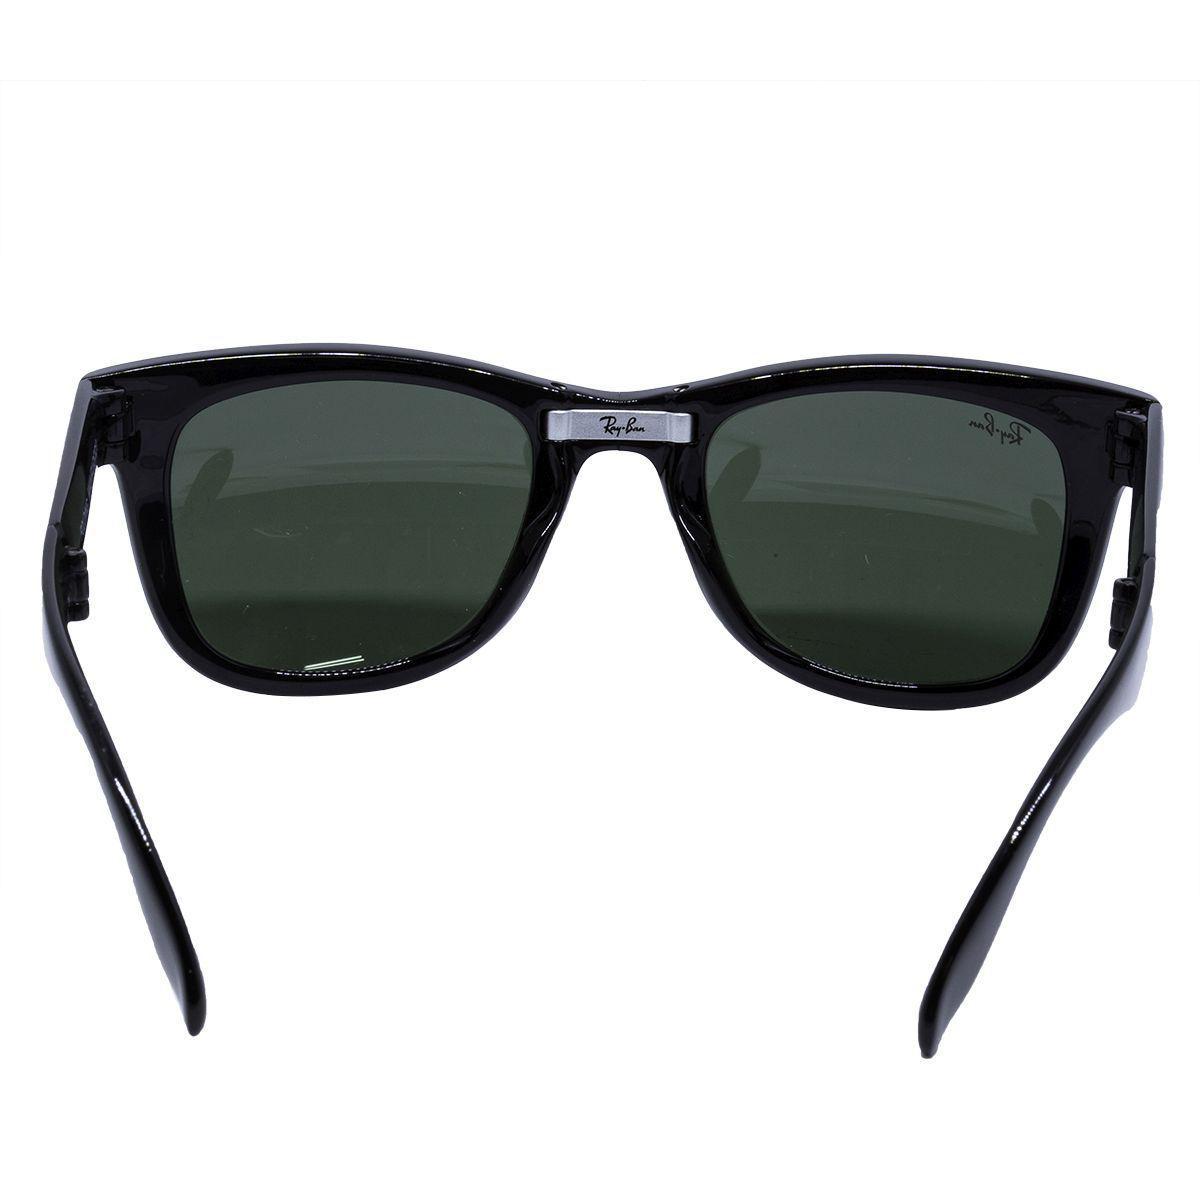 4c6ab6c53 Óculos de Sol Ray Ban Folding Wayfarer Black RB4105 - acetato preto, lente  G15 R$ 581,00 à vista. Adicionar à sacola